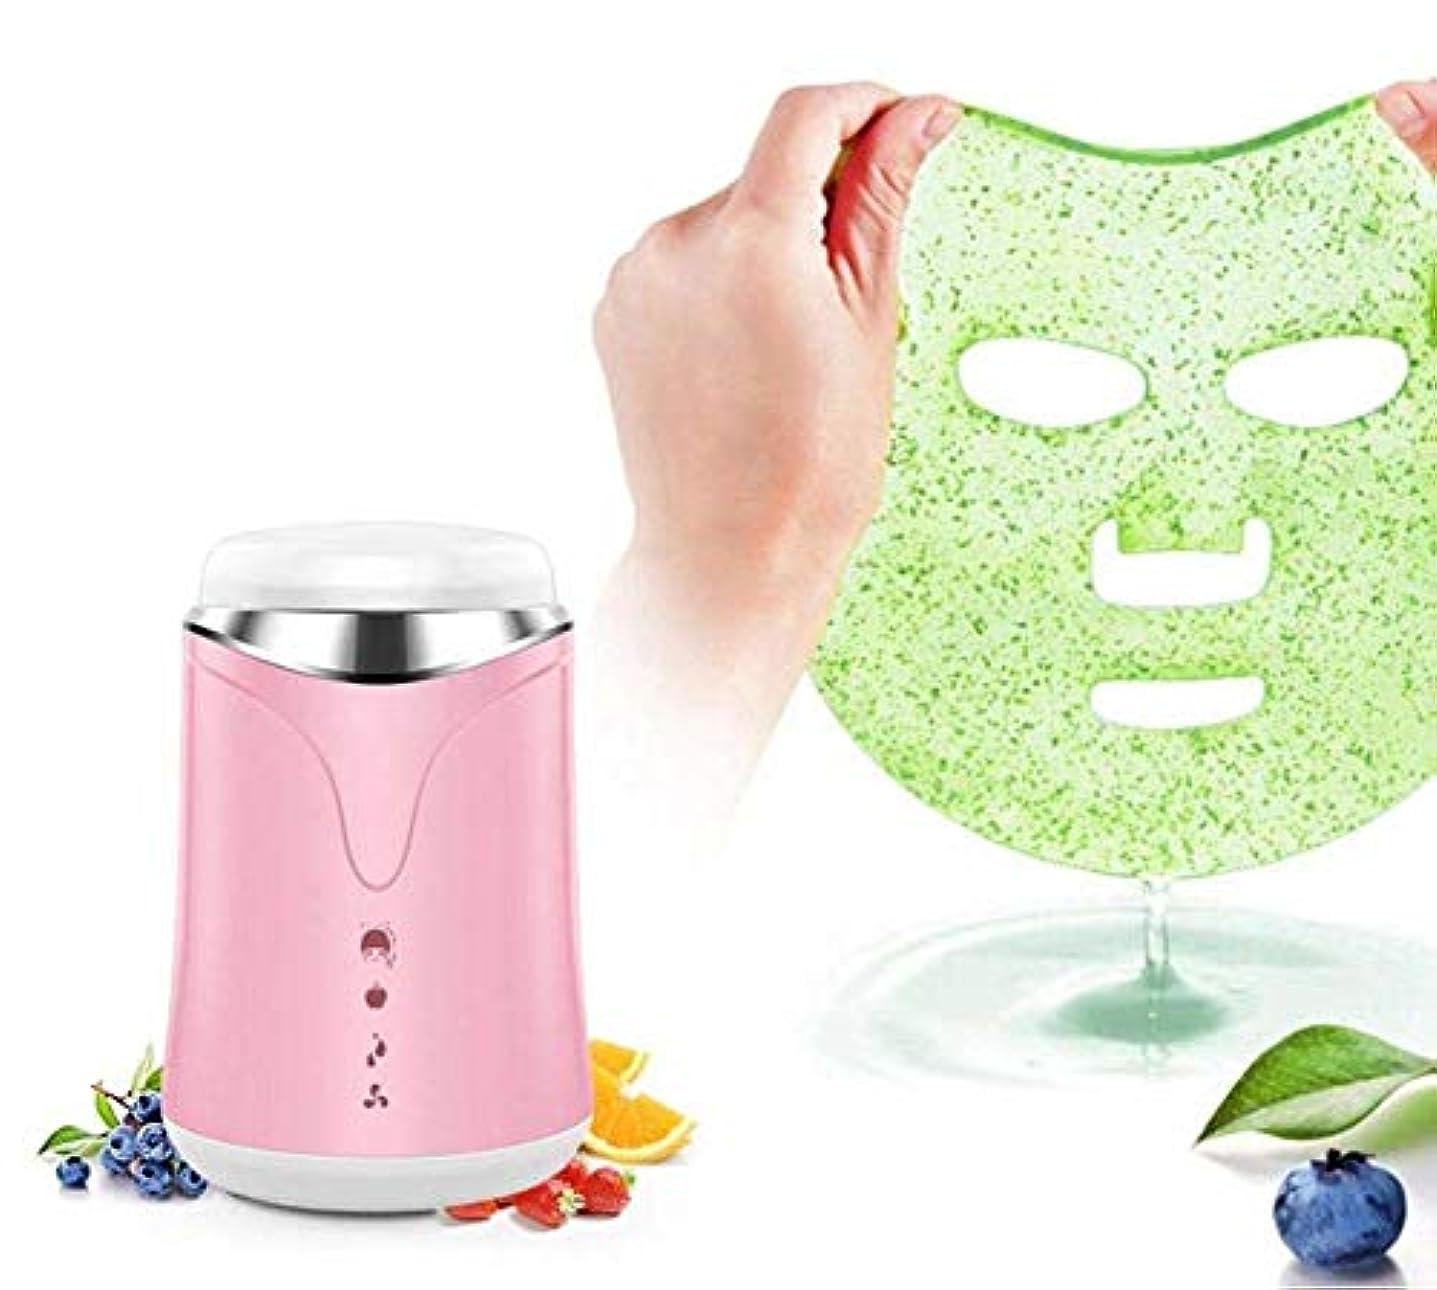 酸っぱい同種のベルベット果物と野菜のマスクを作るマシン、顔の汽船インテリジェント自動フェイシャルケア機器/保湿美容機器自家製の液体マスク,Pink